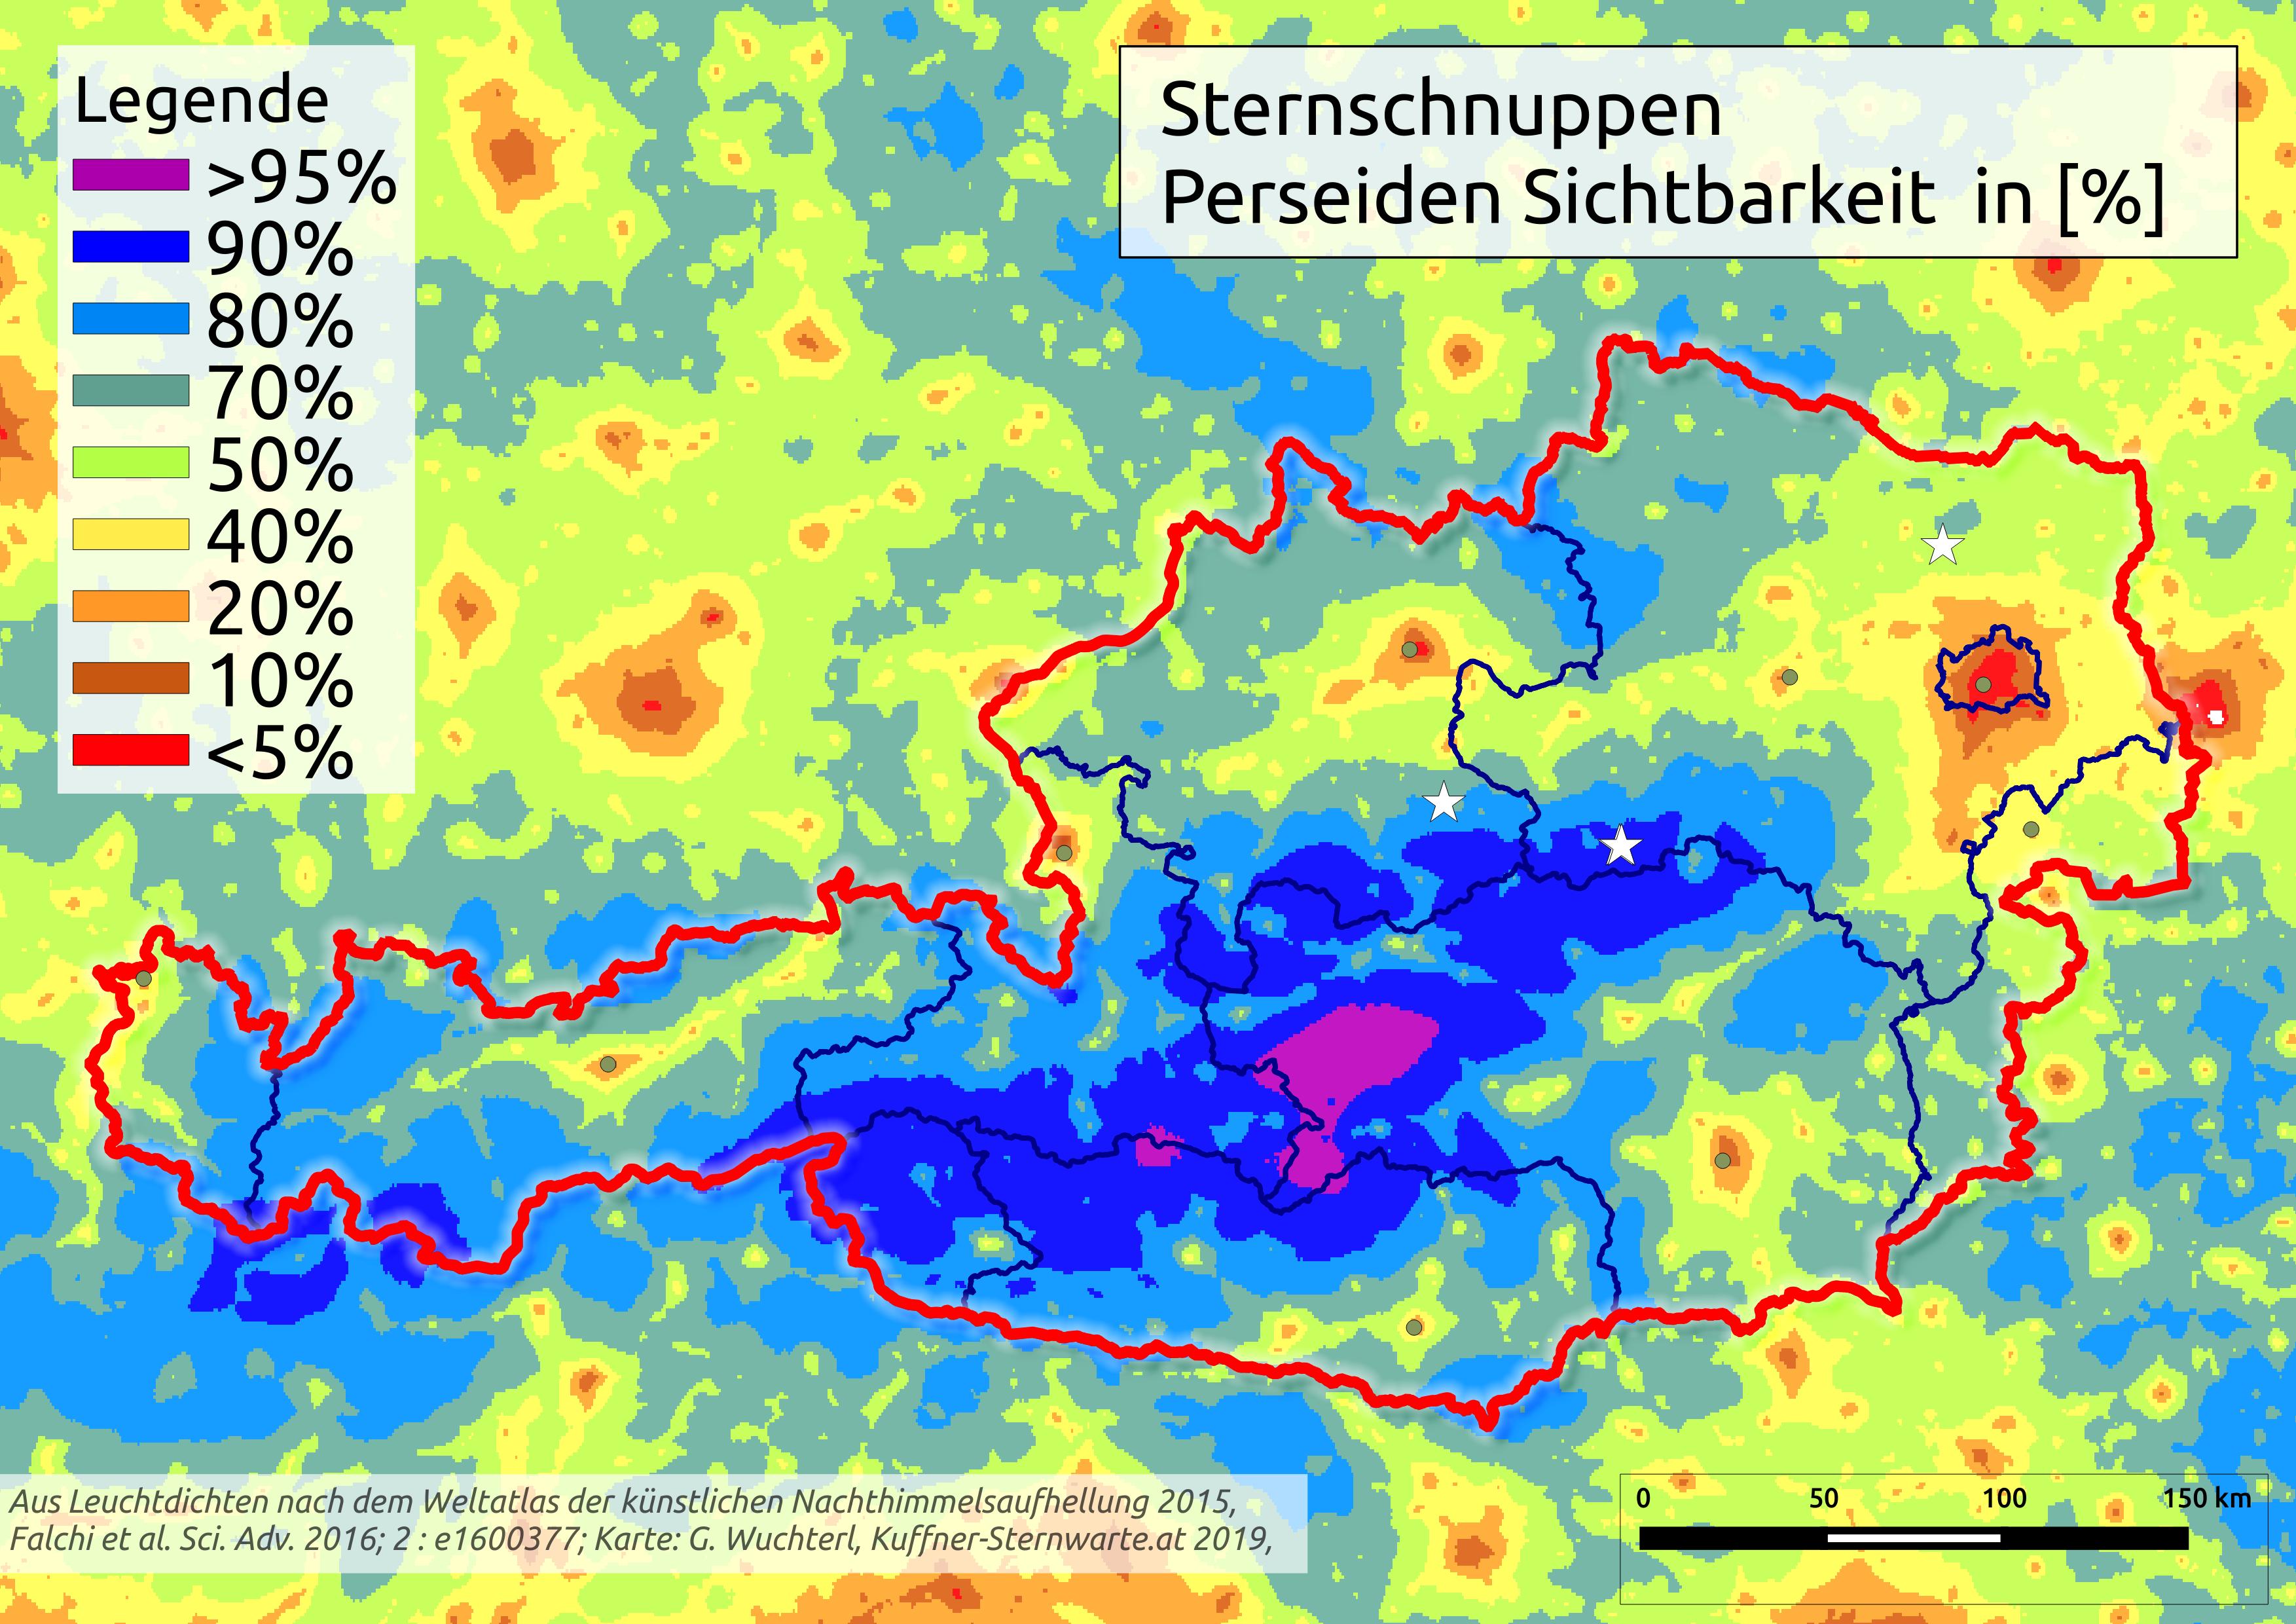 Ö Karte Sternschnuppensichtbarkeit. © Günther Wuchterl, Verein Kuffner-Sternwarte und Lebensraum Naturnacht